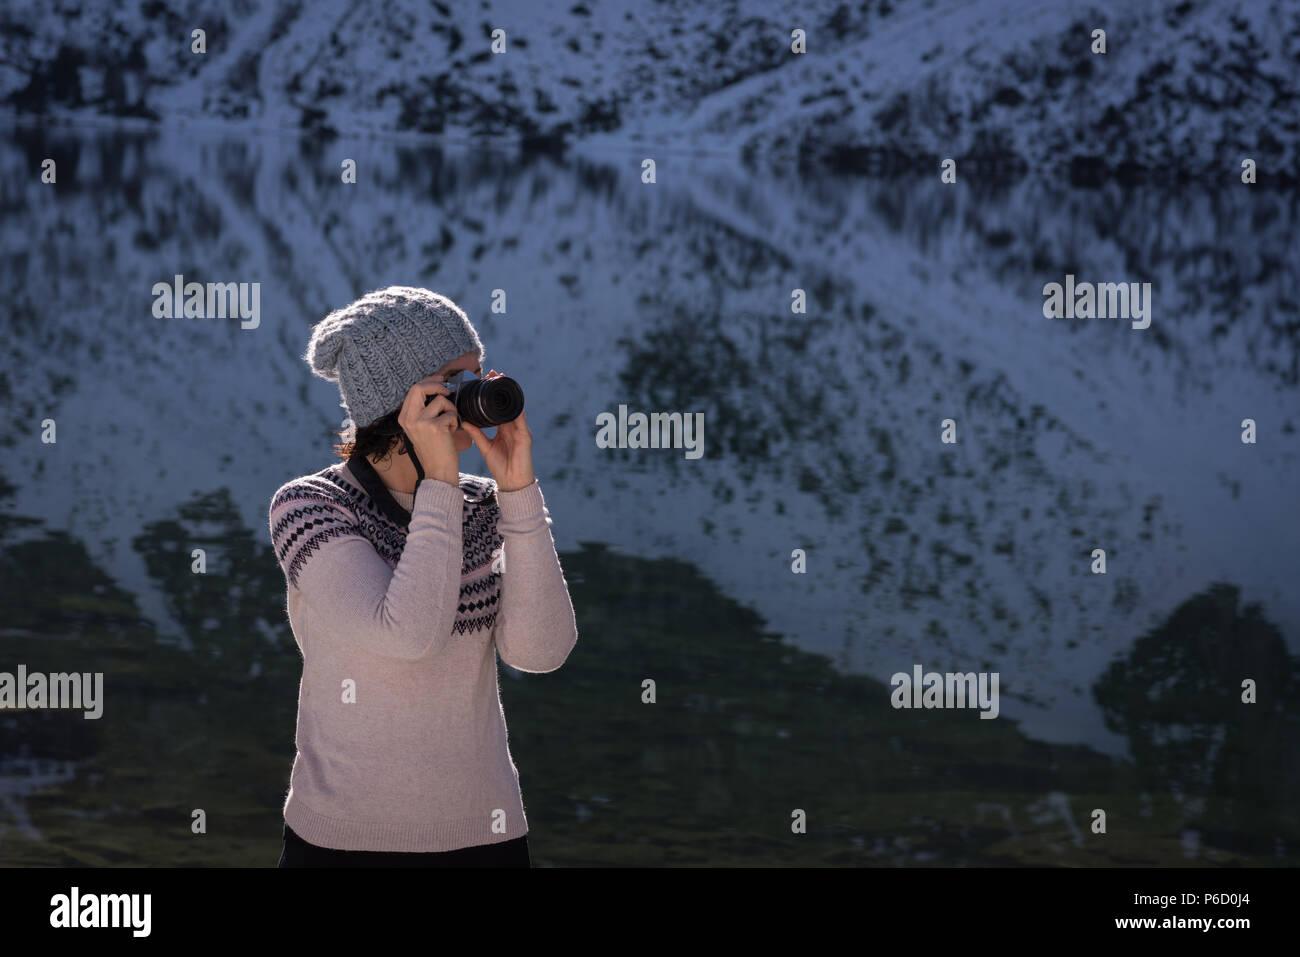 Female hiker taking photo avec appareil photo numérique Banque D'Images